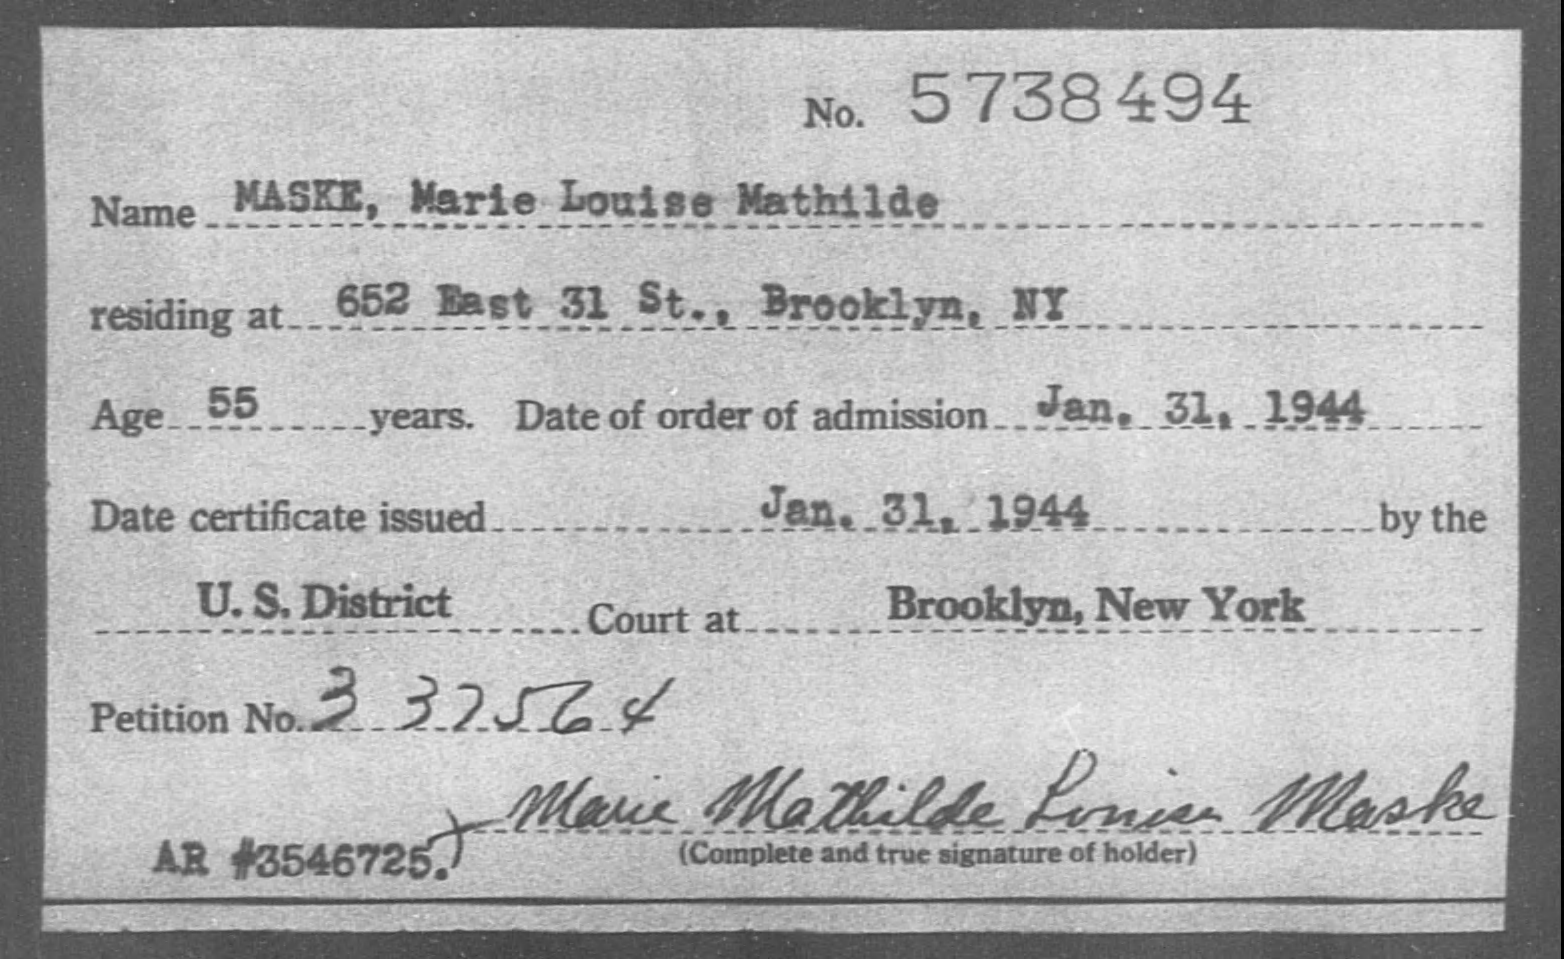 MASKE, Marie Louise Mathilde - Born: [BLANK], Naturalized: 1944